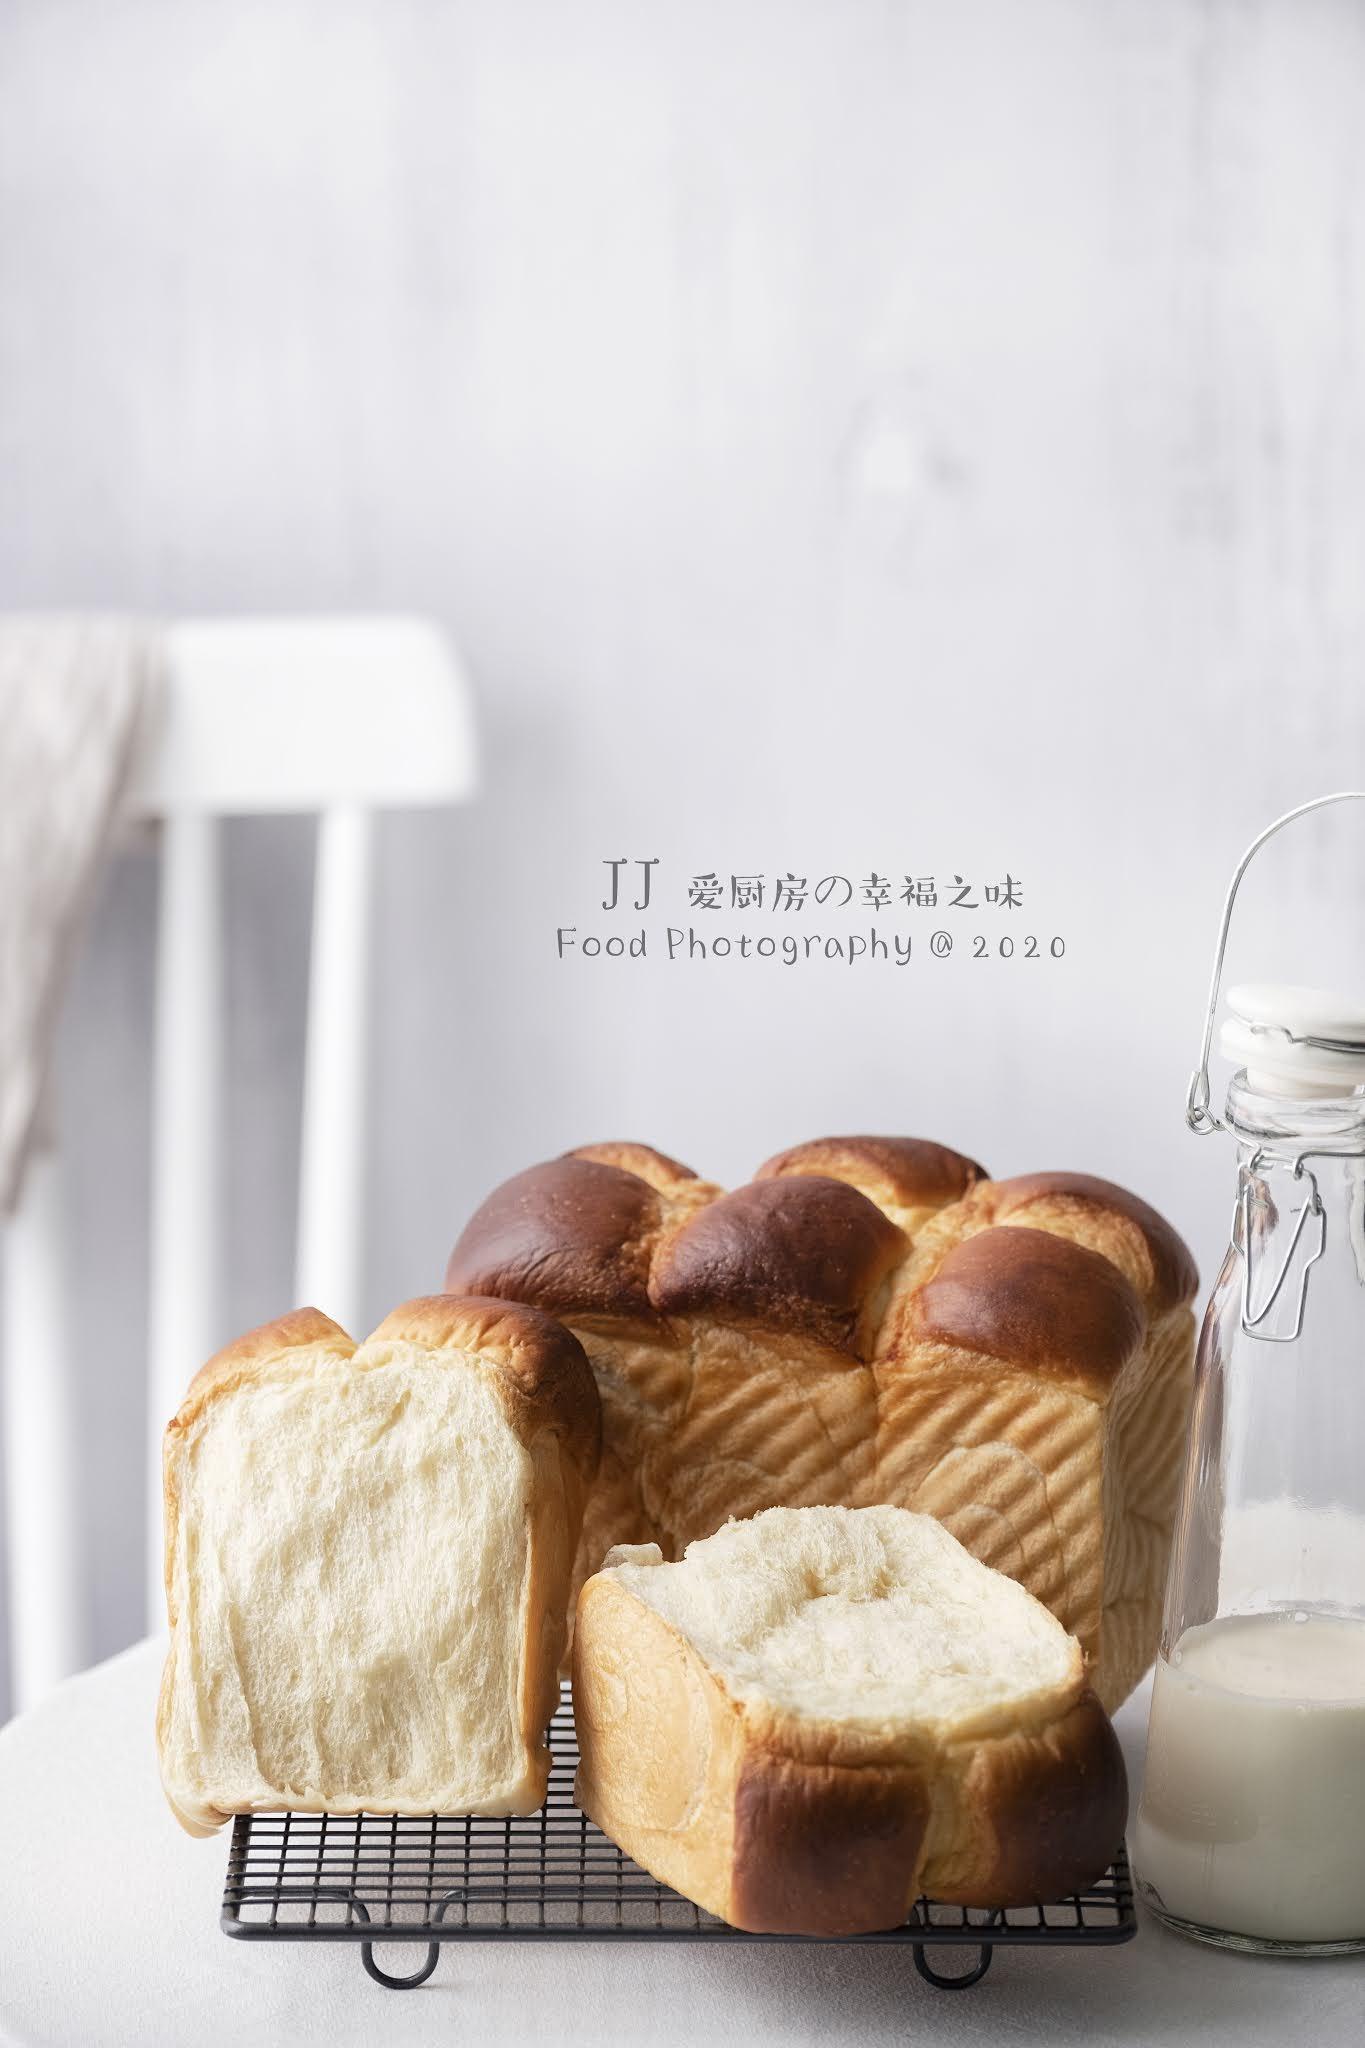 愛廚房的幸福之味: 皇后吐司(直接法)Queen Toast